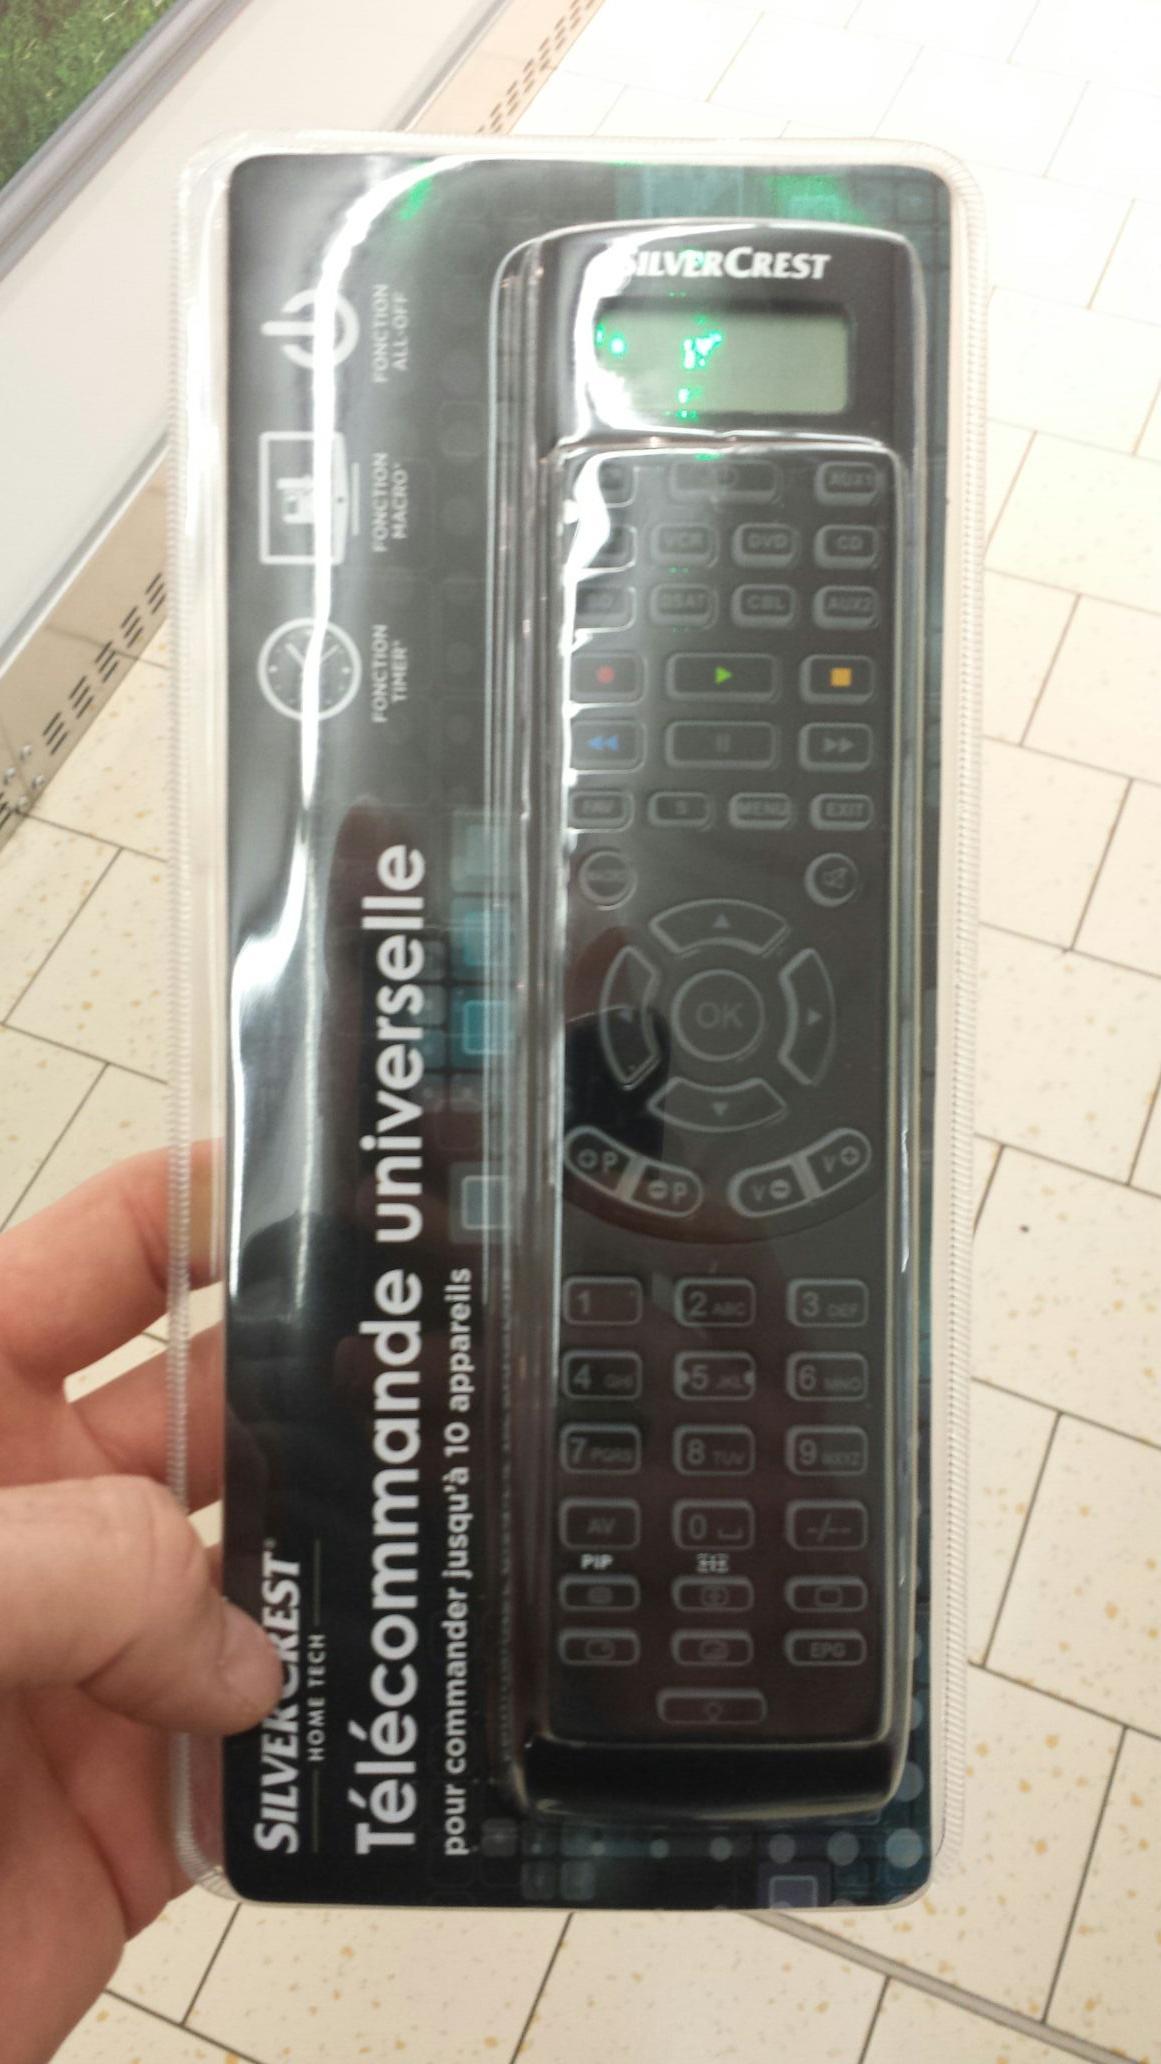 Télécommande universelle SilverCrest